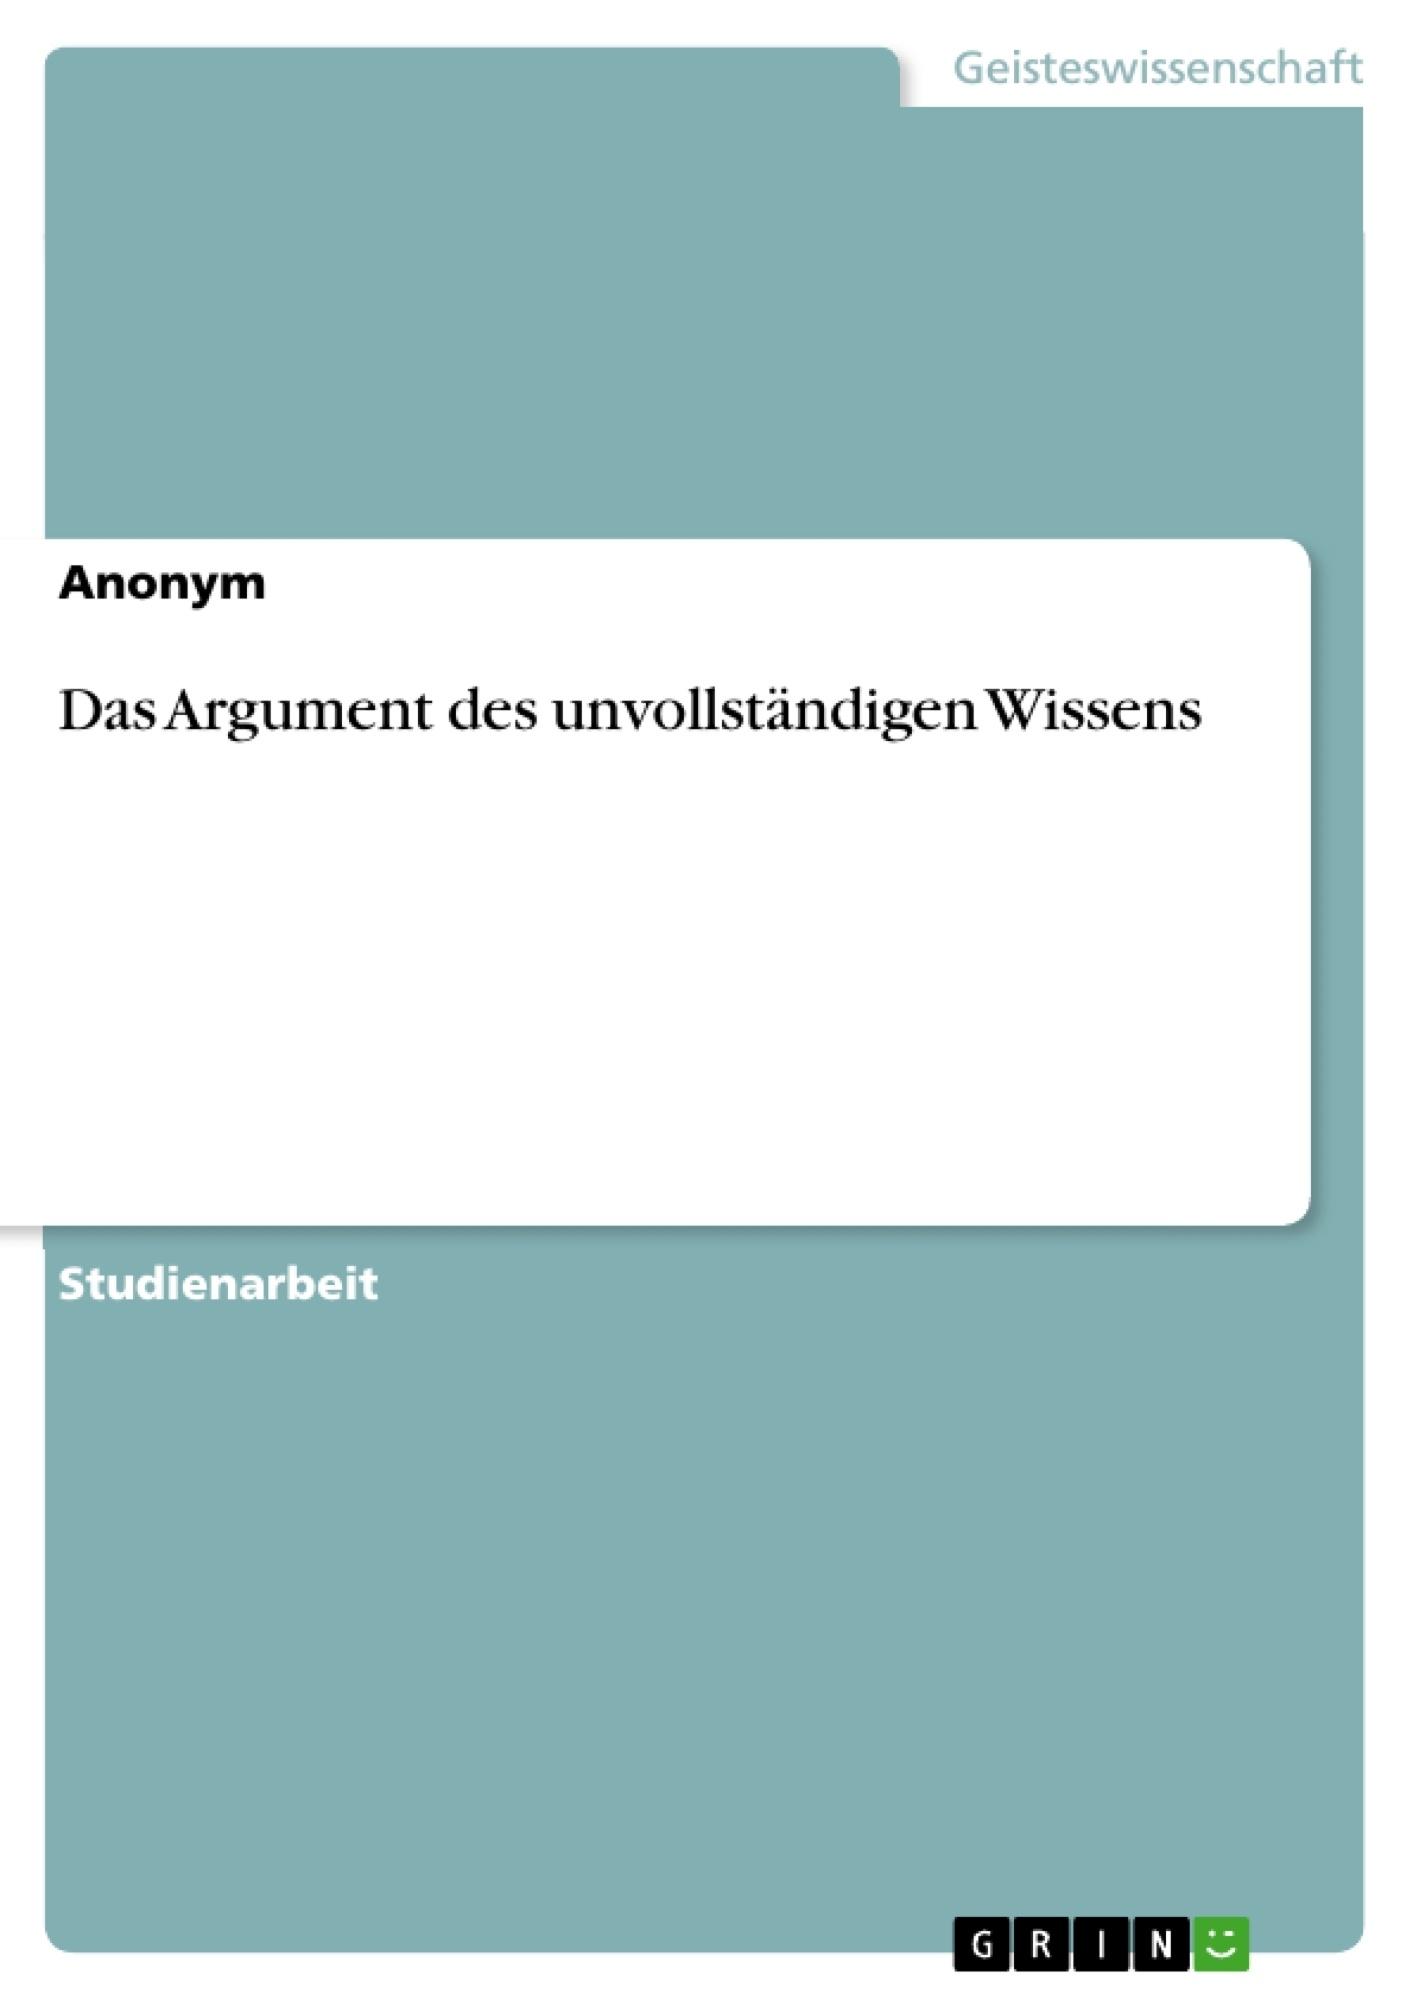 Titel: Das Argument des unvollständigen Wissens